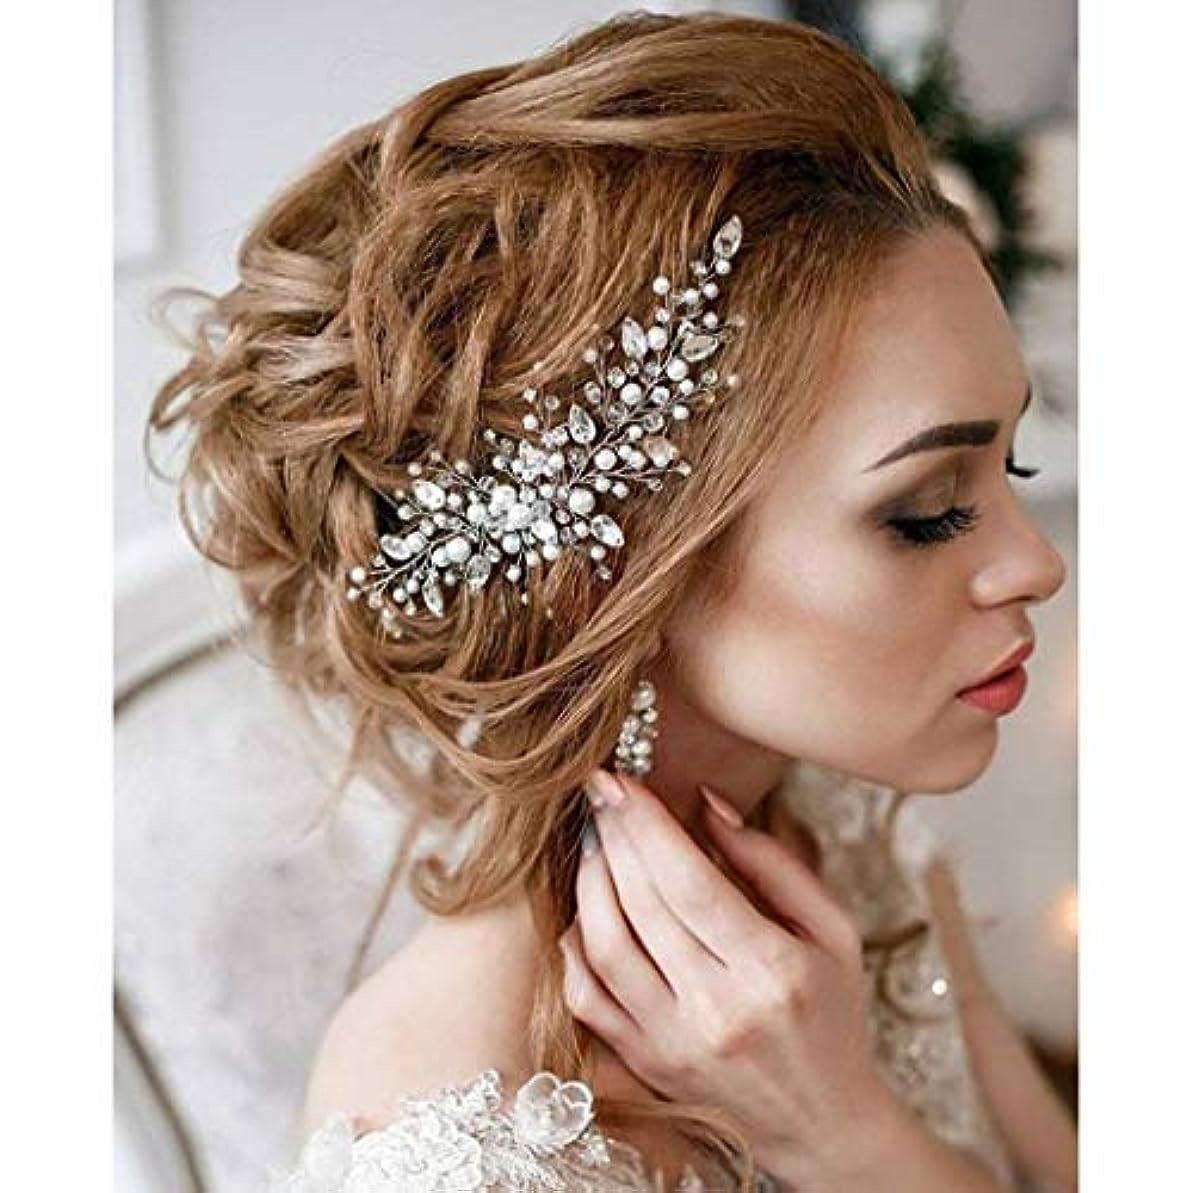 木製後方に優雅なAukmla Bride Wedding Hair Combs Bridal Hair Accessories Decorative for Brides and Bridesmaids [並行輸入品]